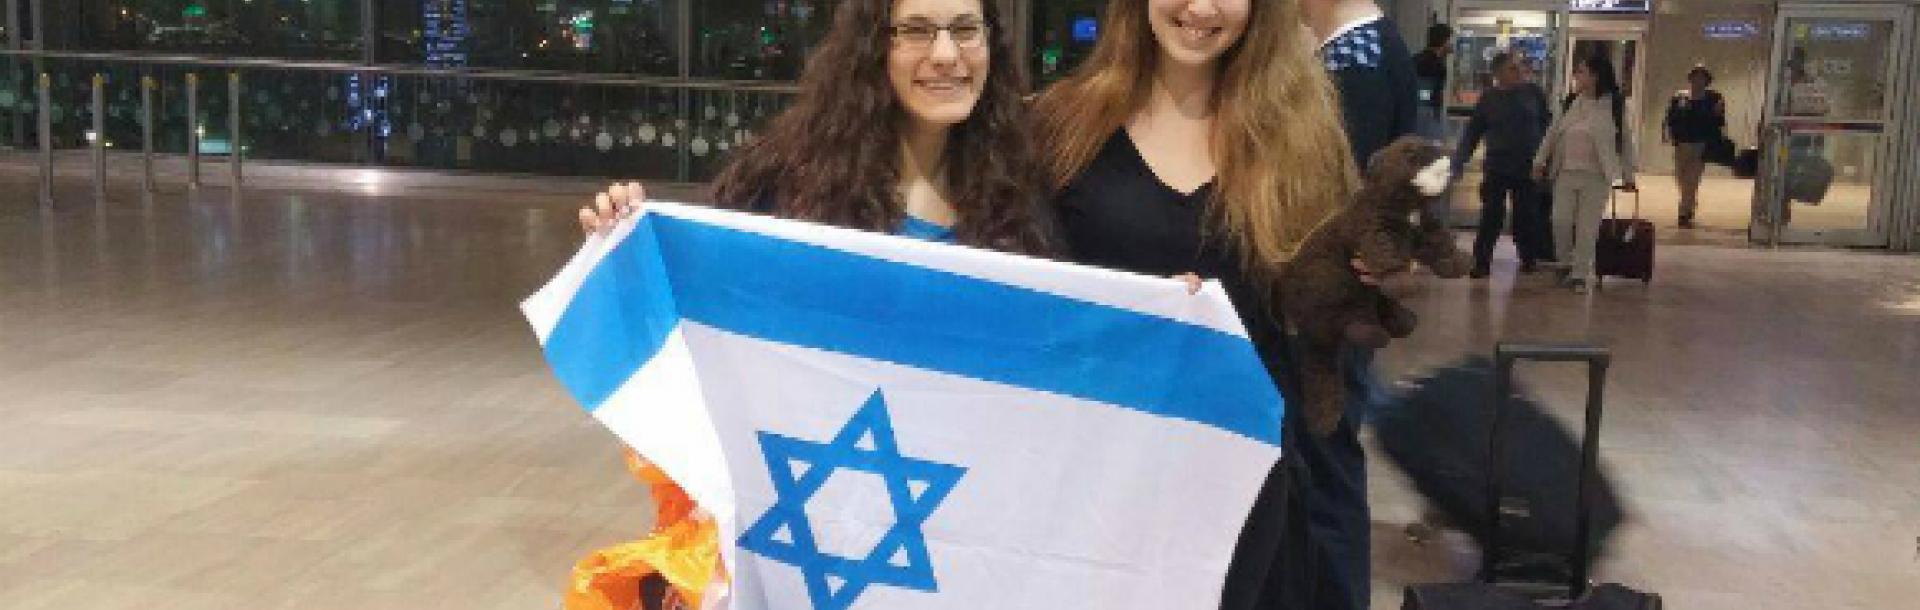 שירה בן דור ומאיה נוה עם דגל ישראל